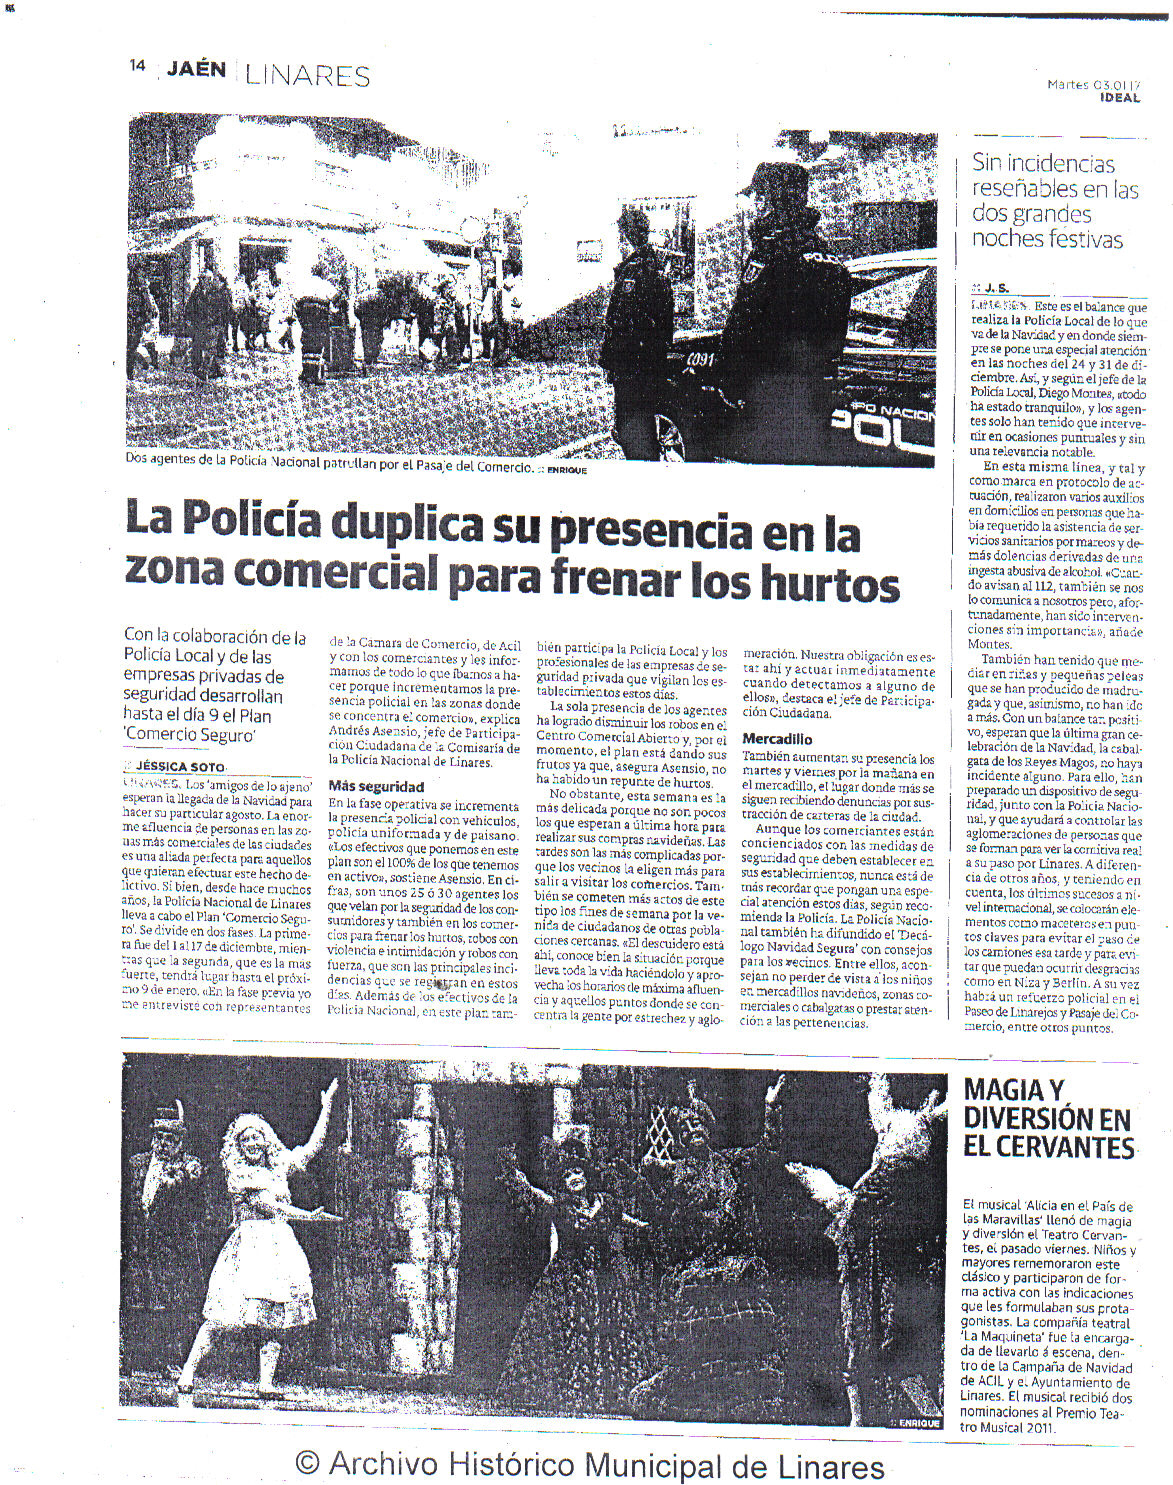 Prensa 3 de enero. Ideal